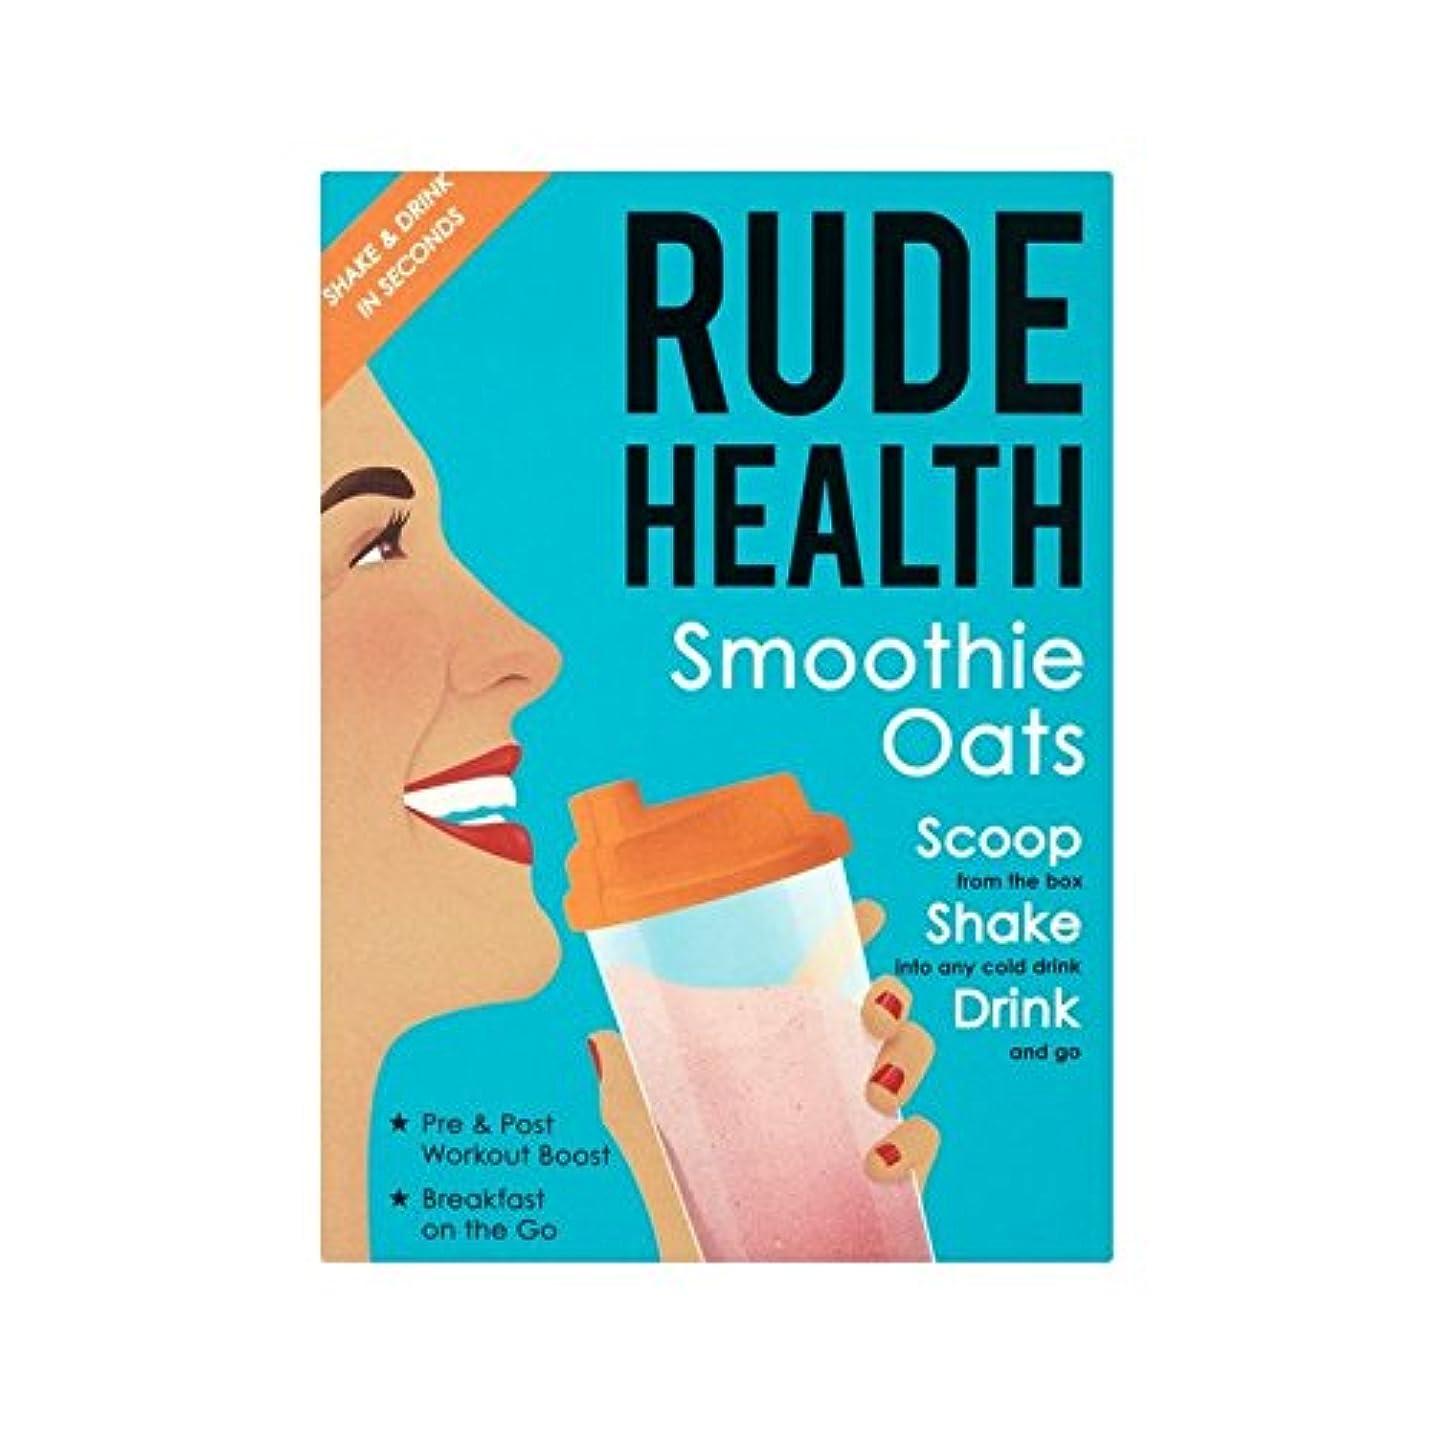 発揮する誠意条件付きスムージーオート麦250グラム (Rude Health) (x 6) - Rude Health Smoothie Oats 250g (Pack of 6) [並行輸入品]